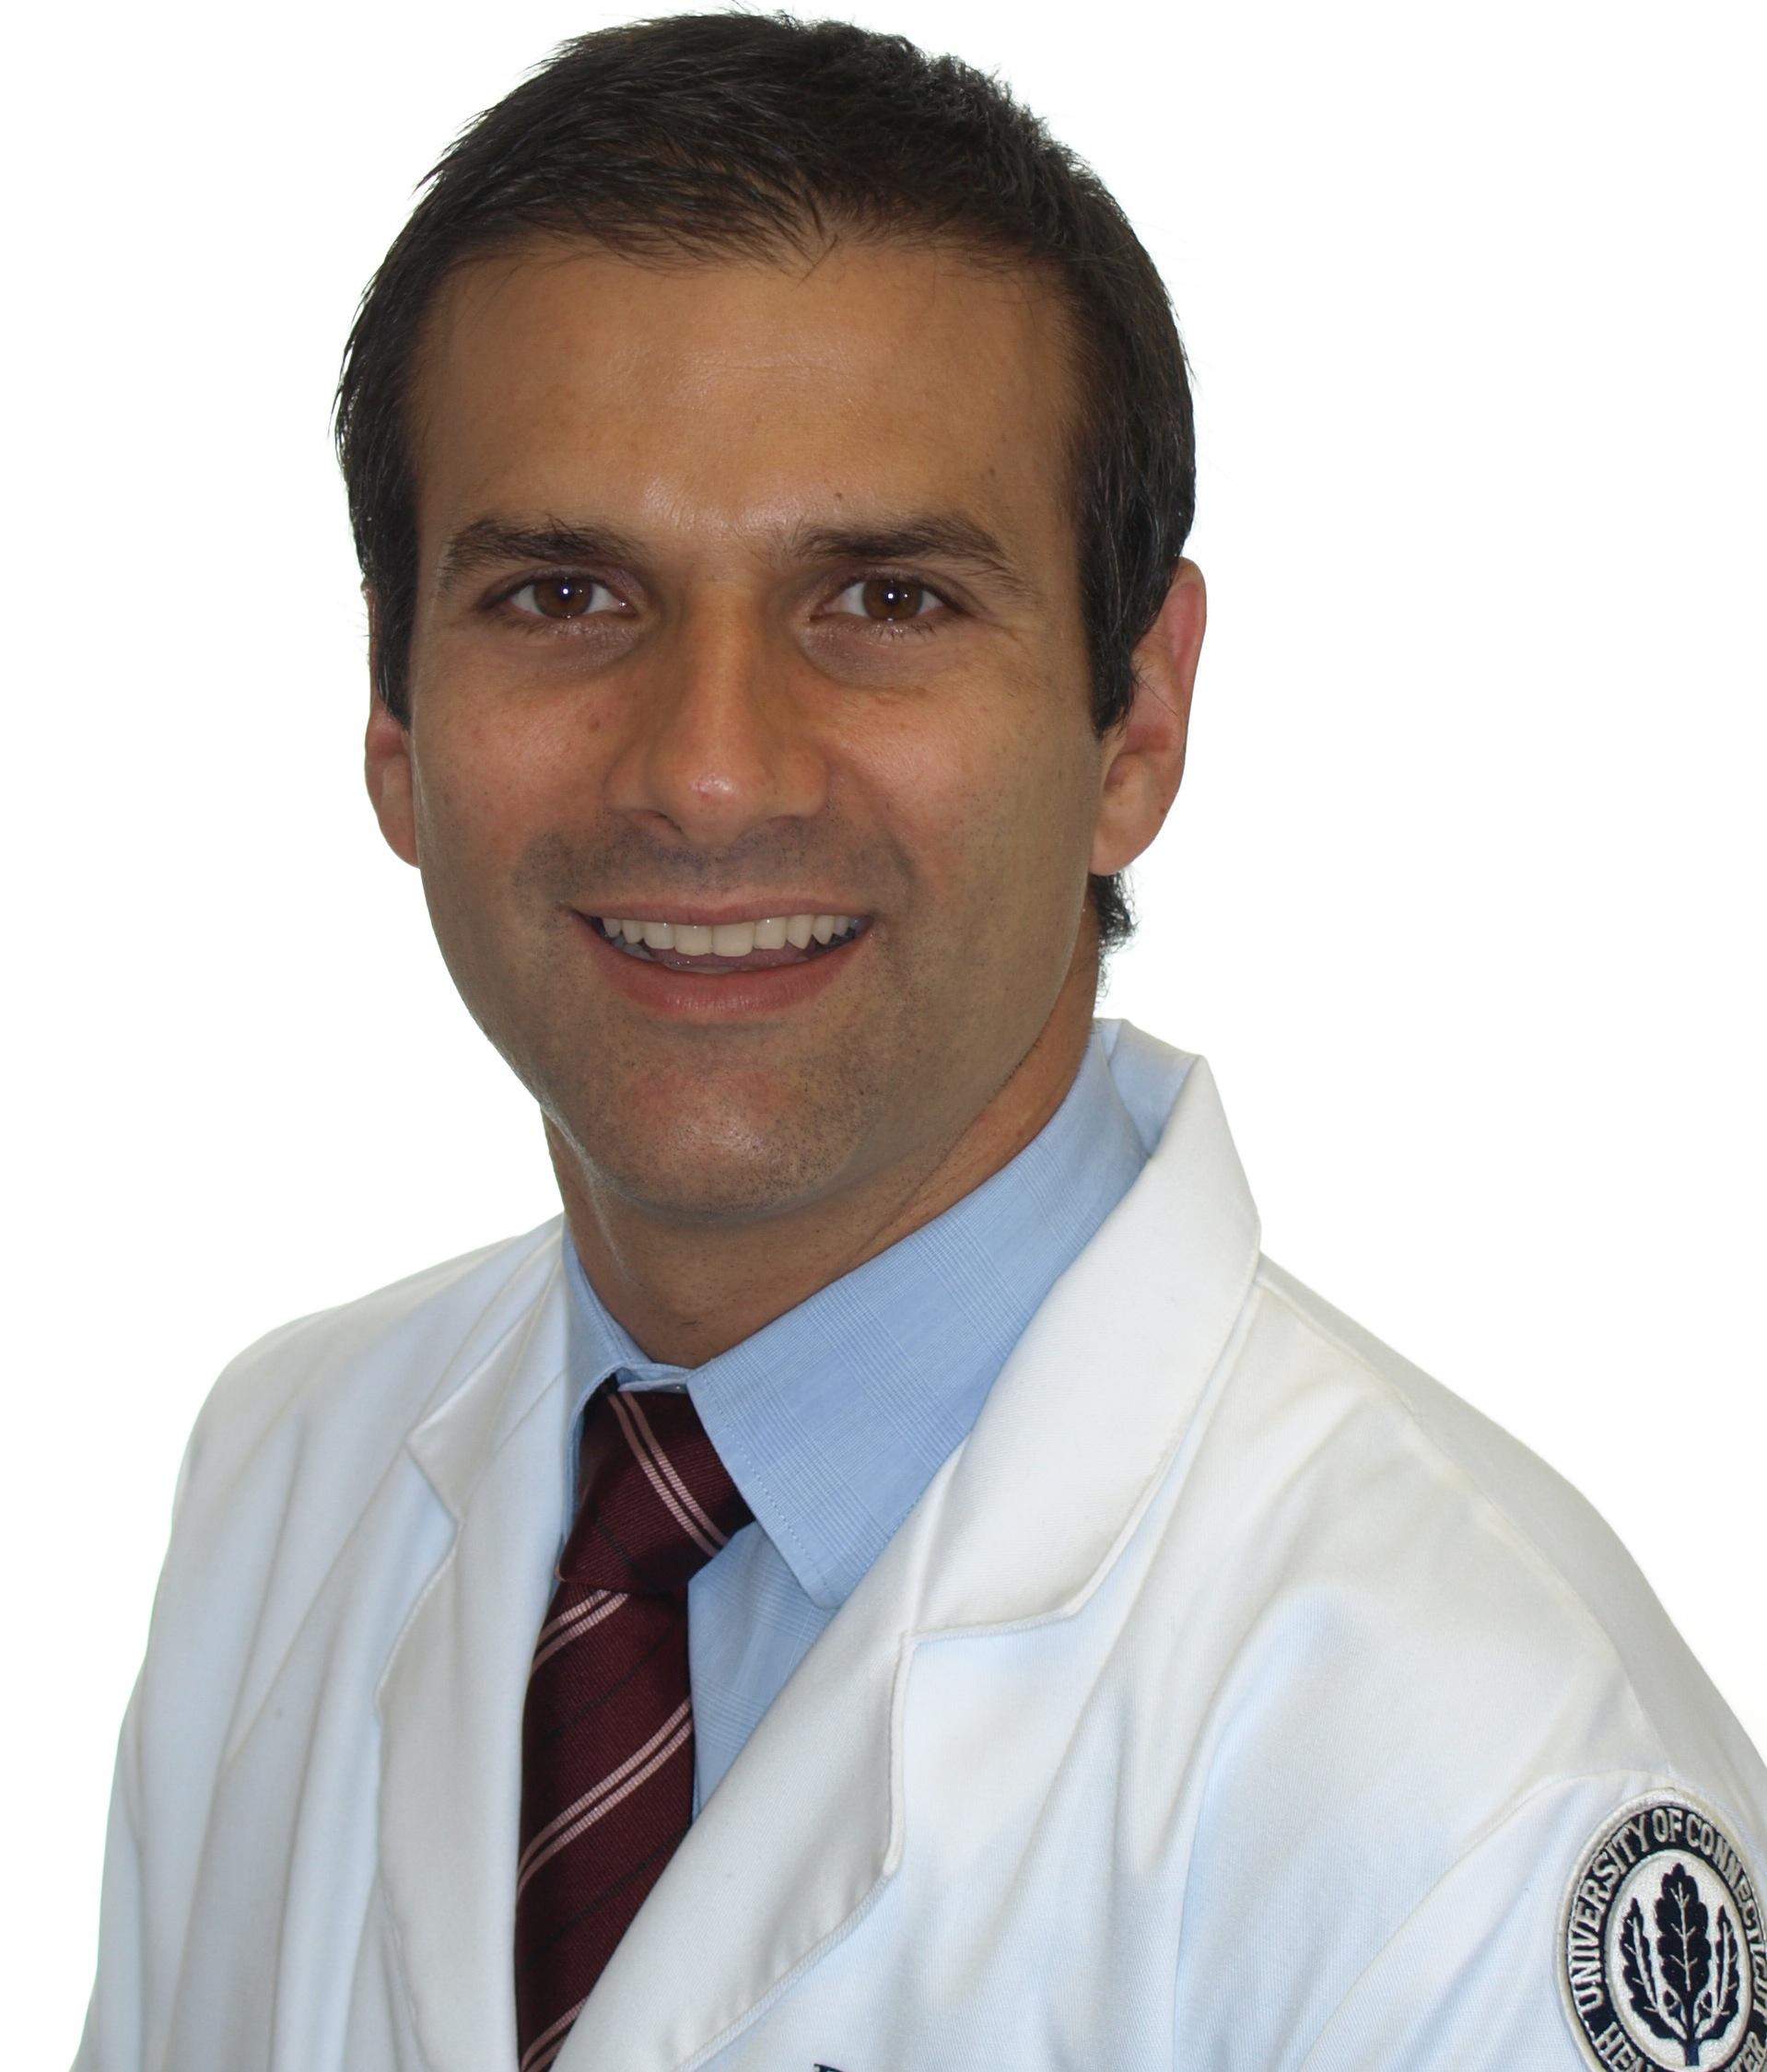 Flavio Uribe, D.D.S., M.D.S.